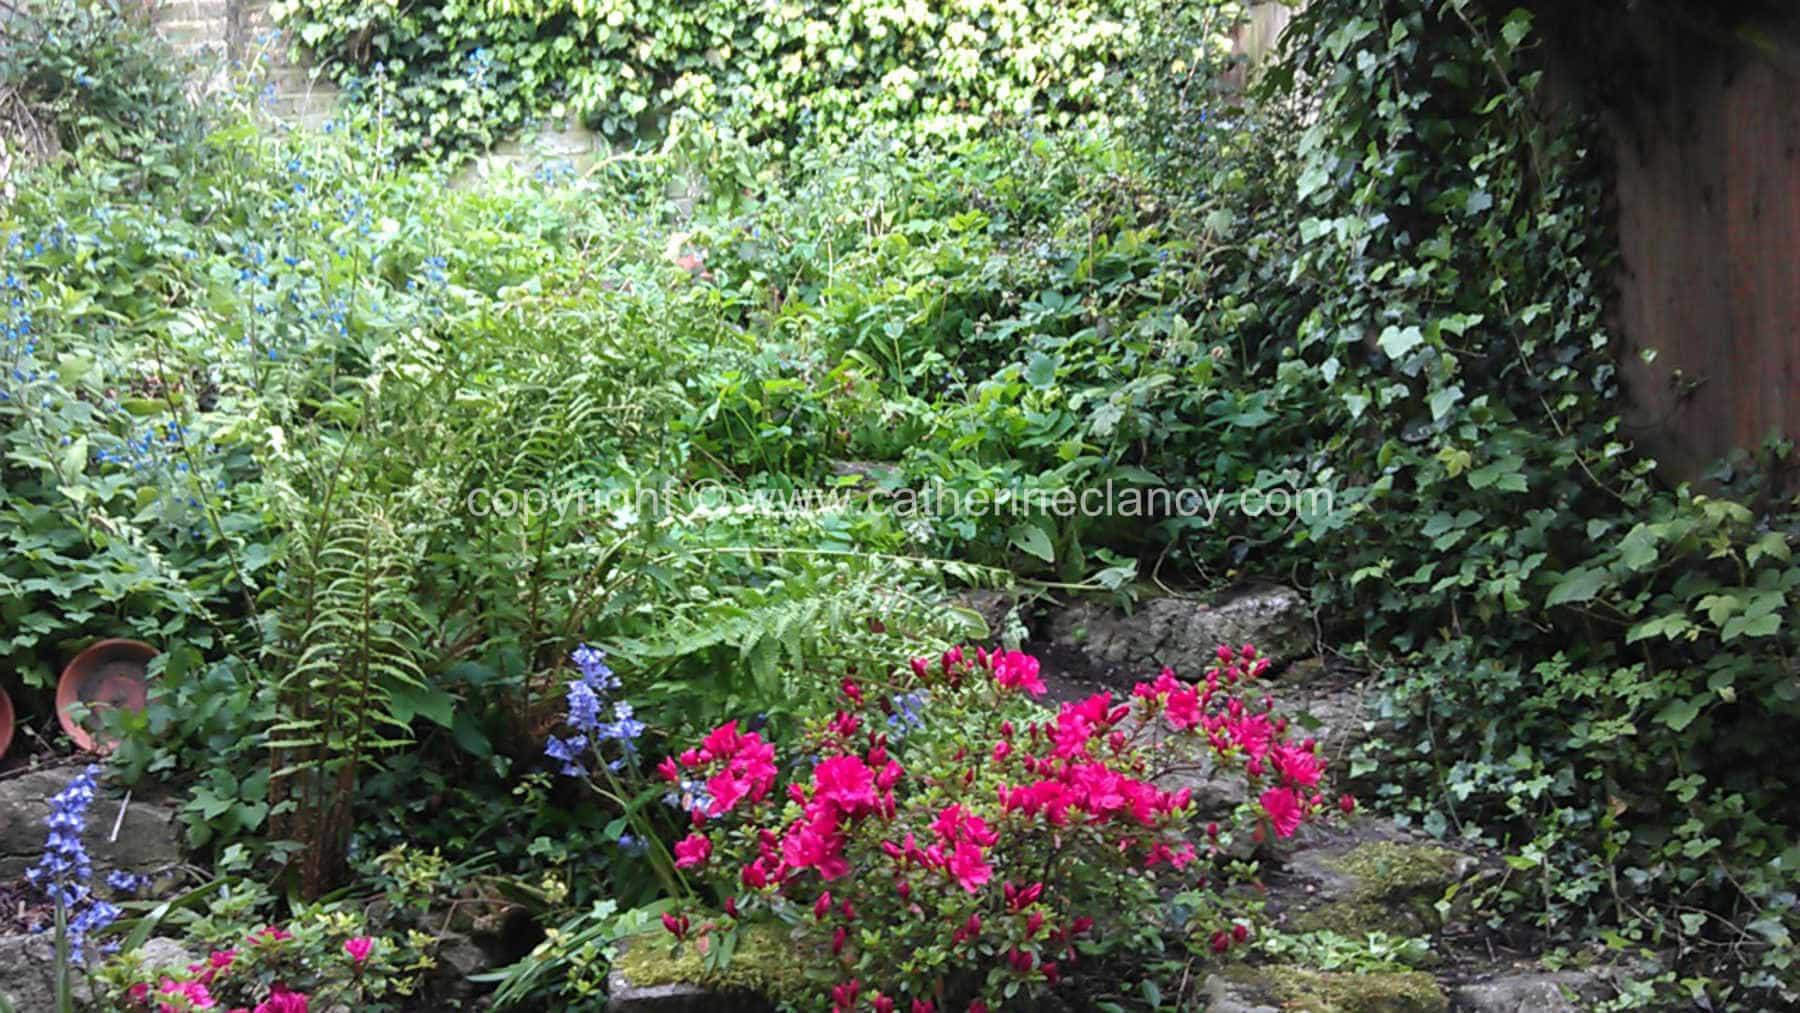 greenwich-terraced-garden-5